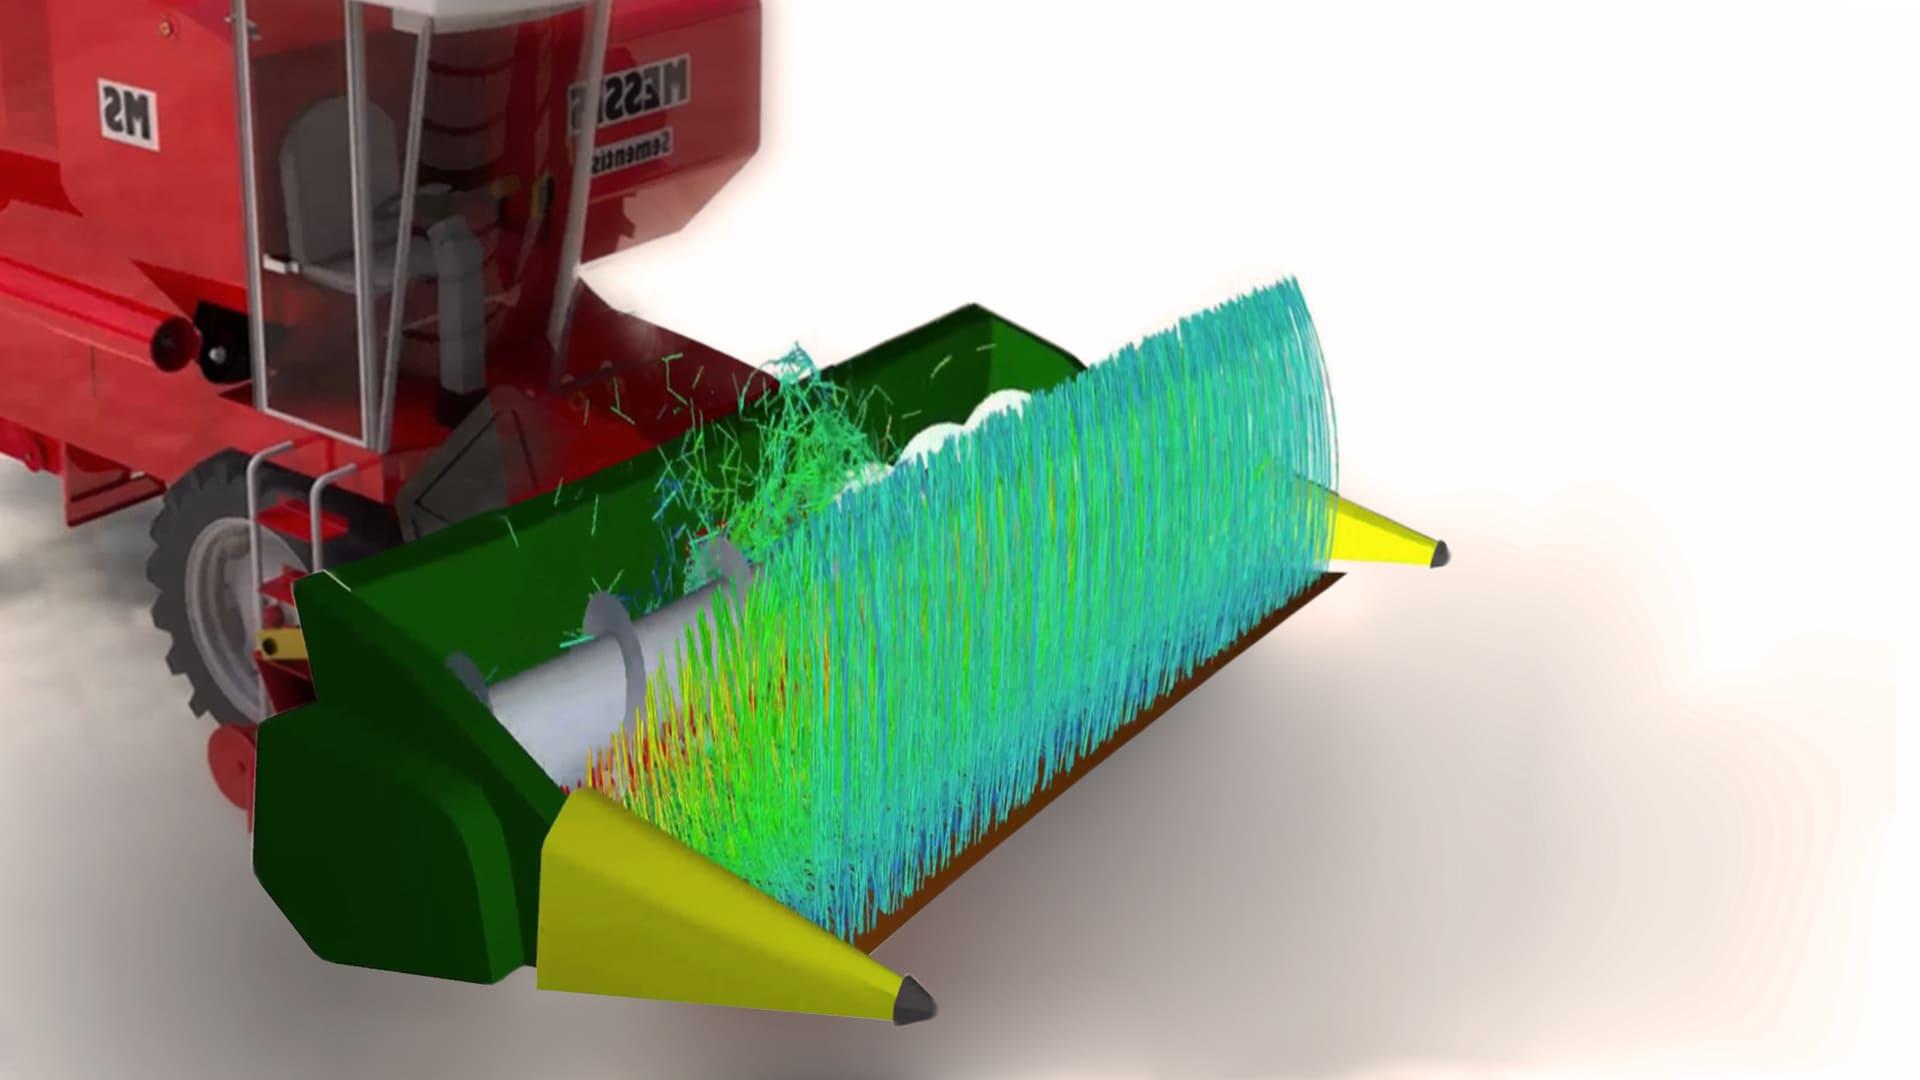 От шерсти животных до колосьев: модель гибких волокон в Rocky позволяет расширить спектр задач, решаемых методом дискретных элементов